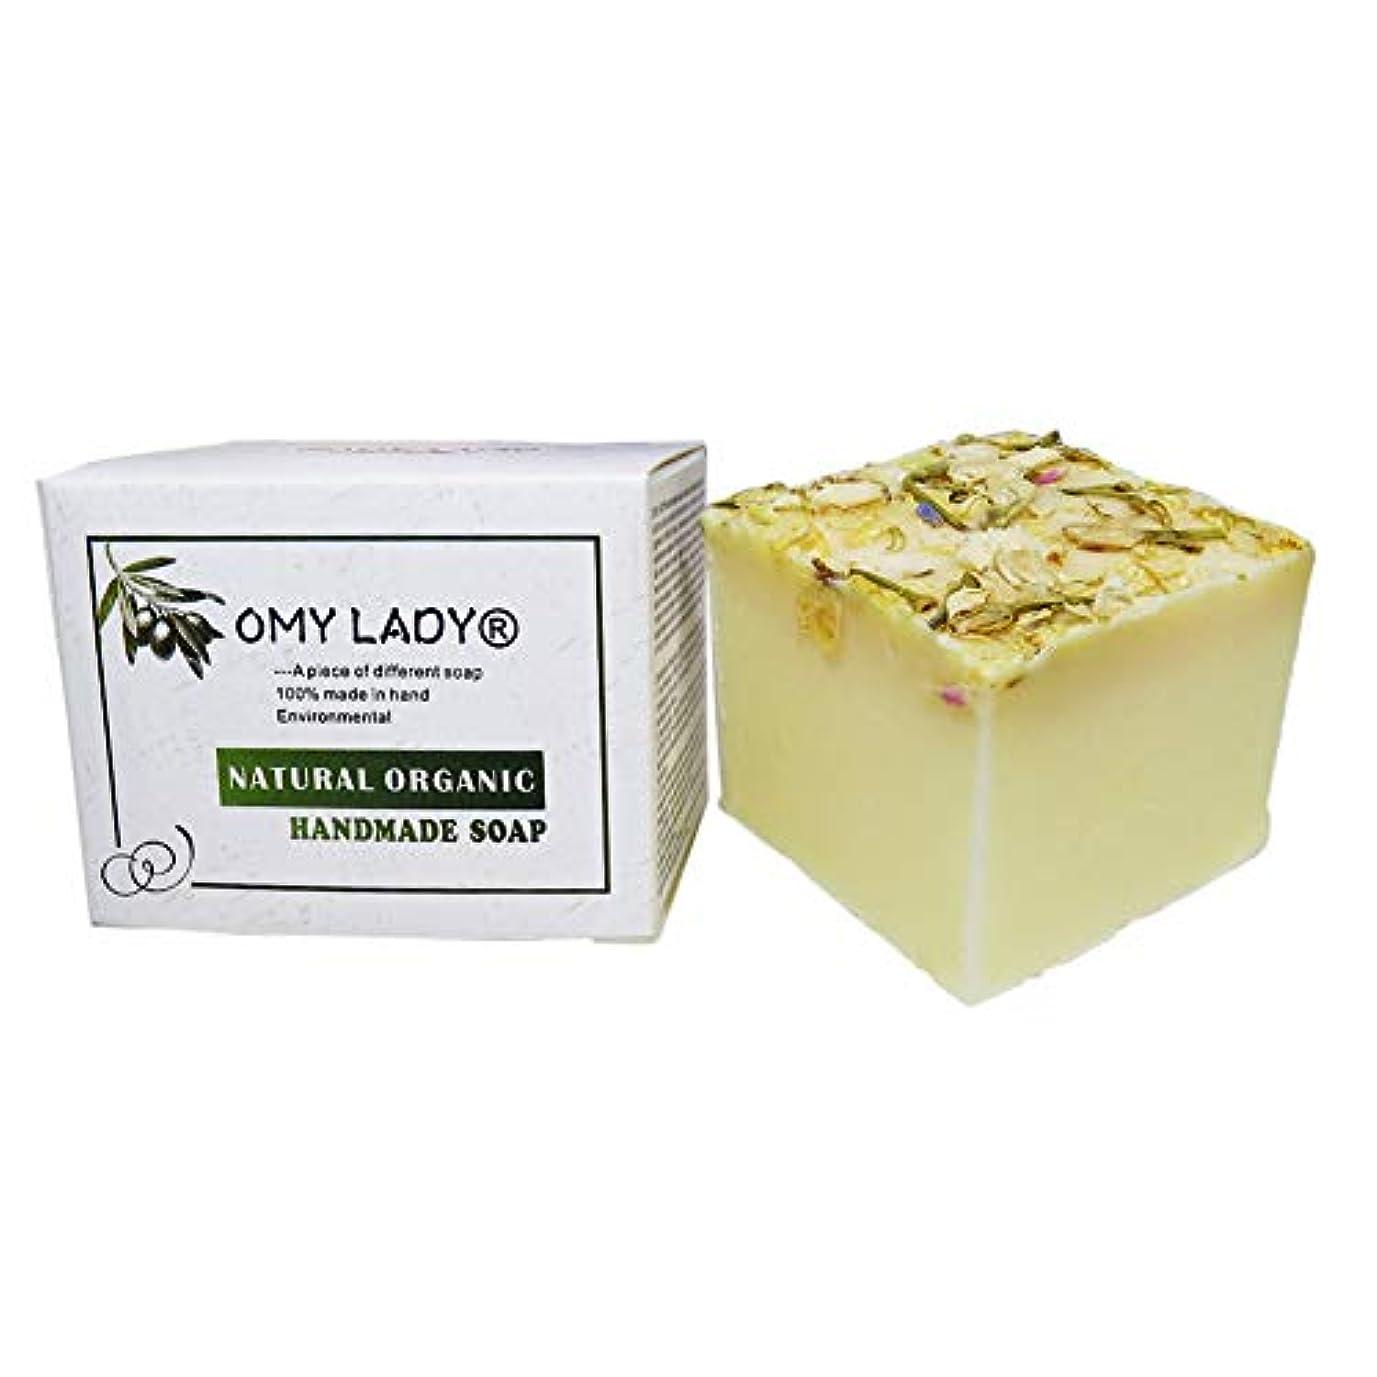 アジアランドマークイタリアの石鹸 無添加 エッセンシャル オイルソープ 栄養 抗ダニ 手作り オイルコントロール ソープ 洗顔せっけん Cutelove